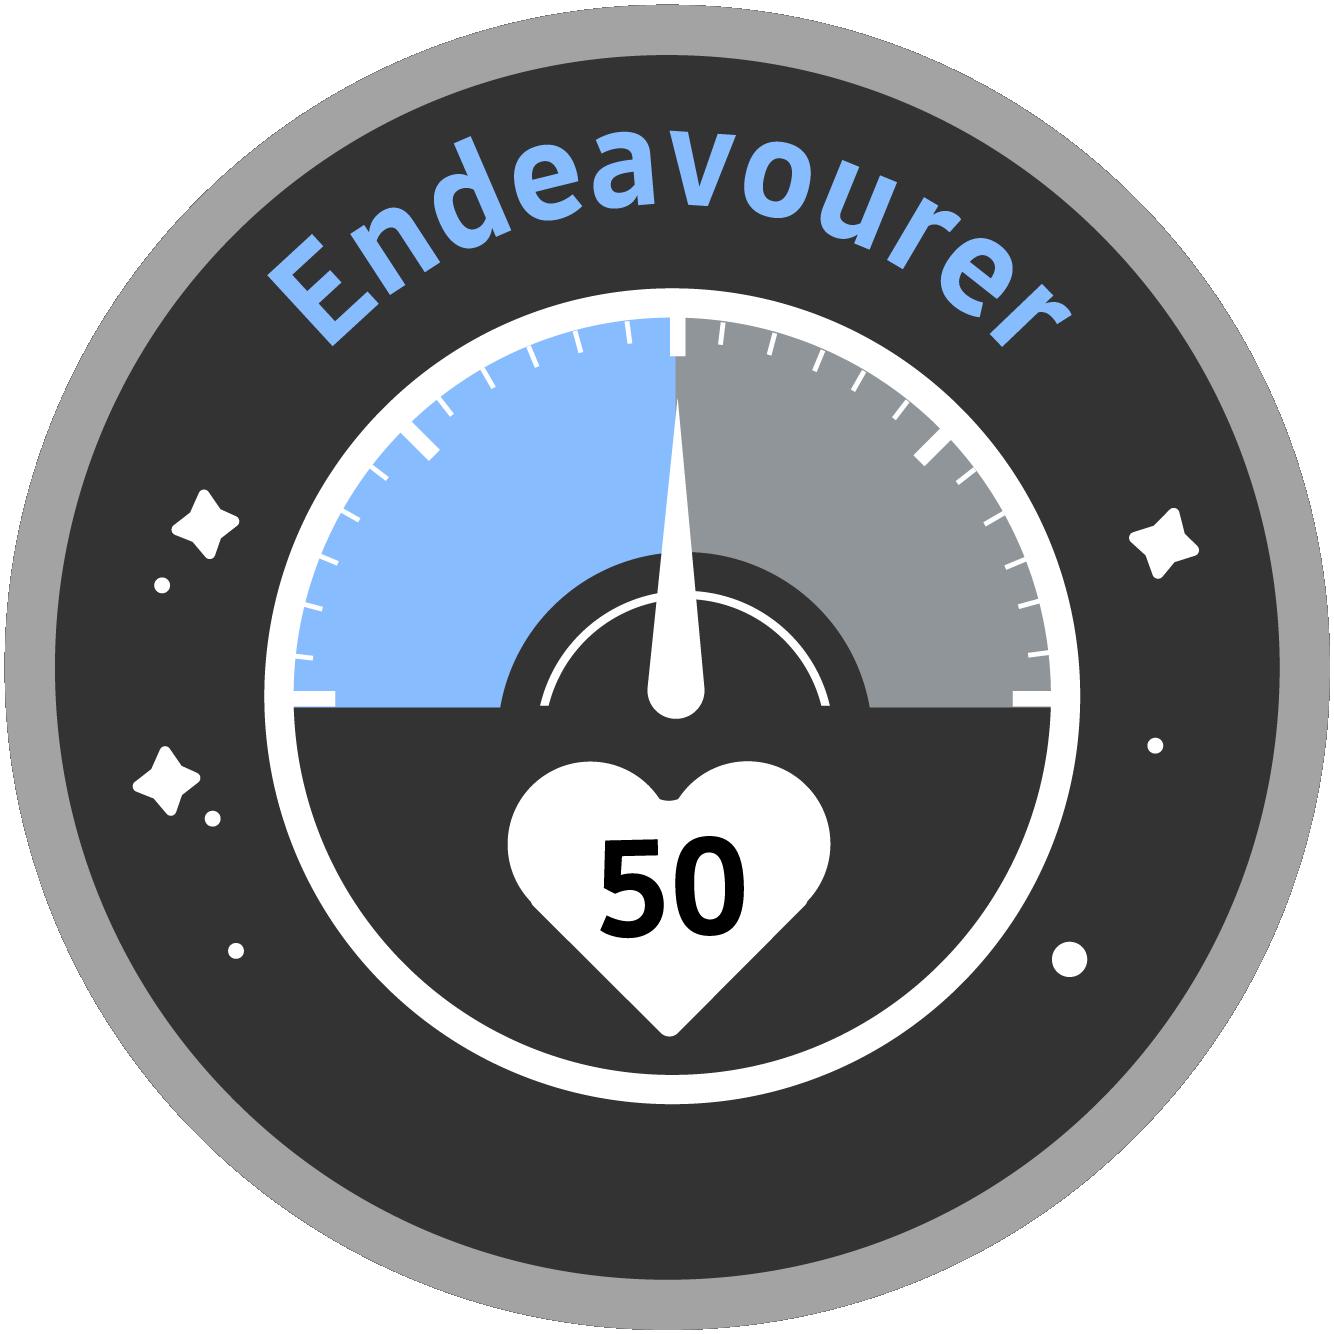 Endeavourer